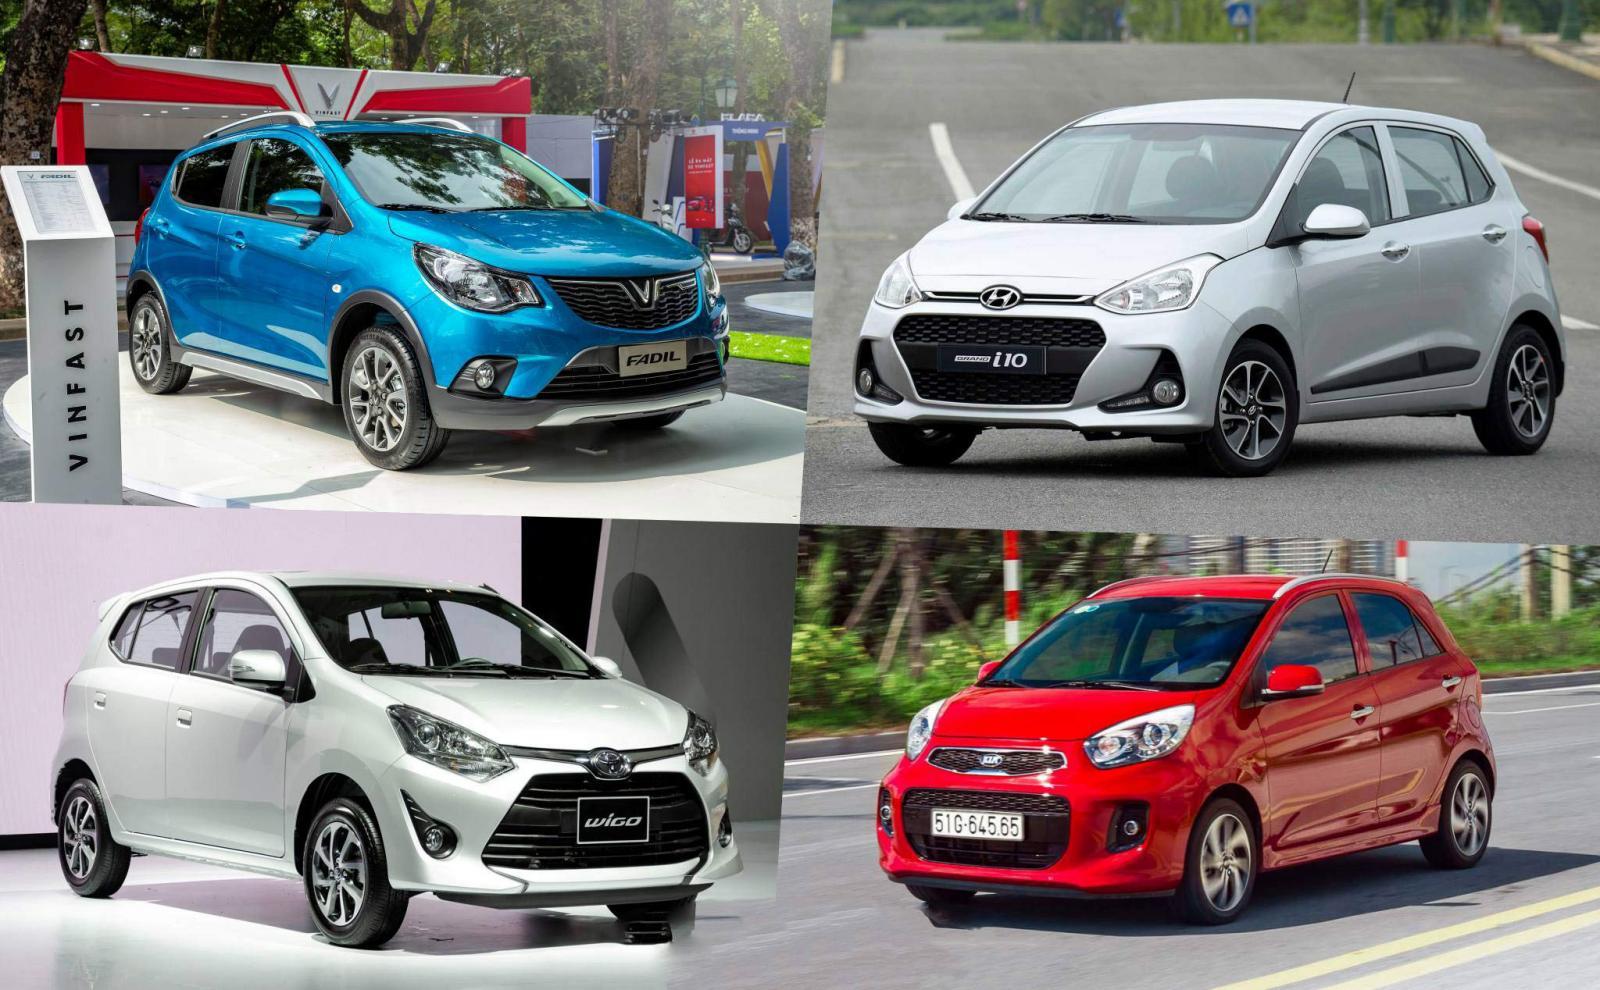 5 mẫu xe có giá rẻ nhất thị trường năm 2020: Chỉ từ 299 triệu đồng